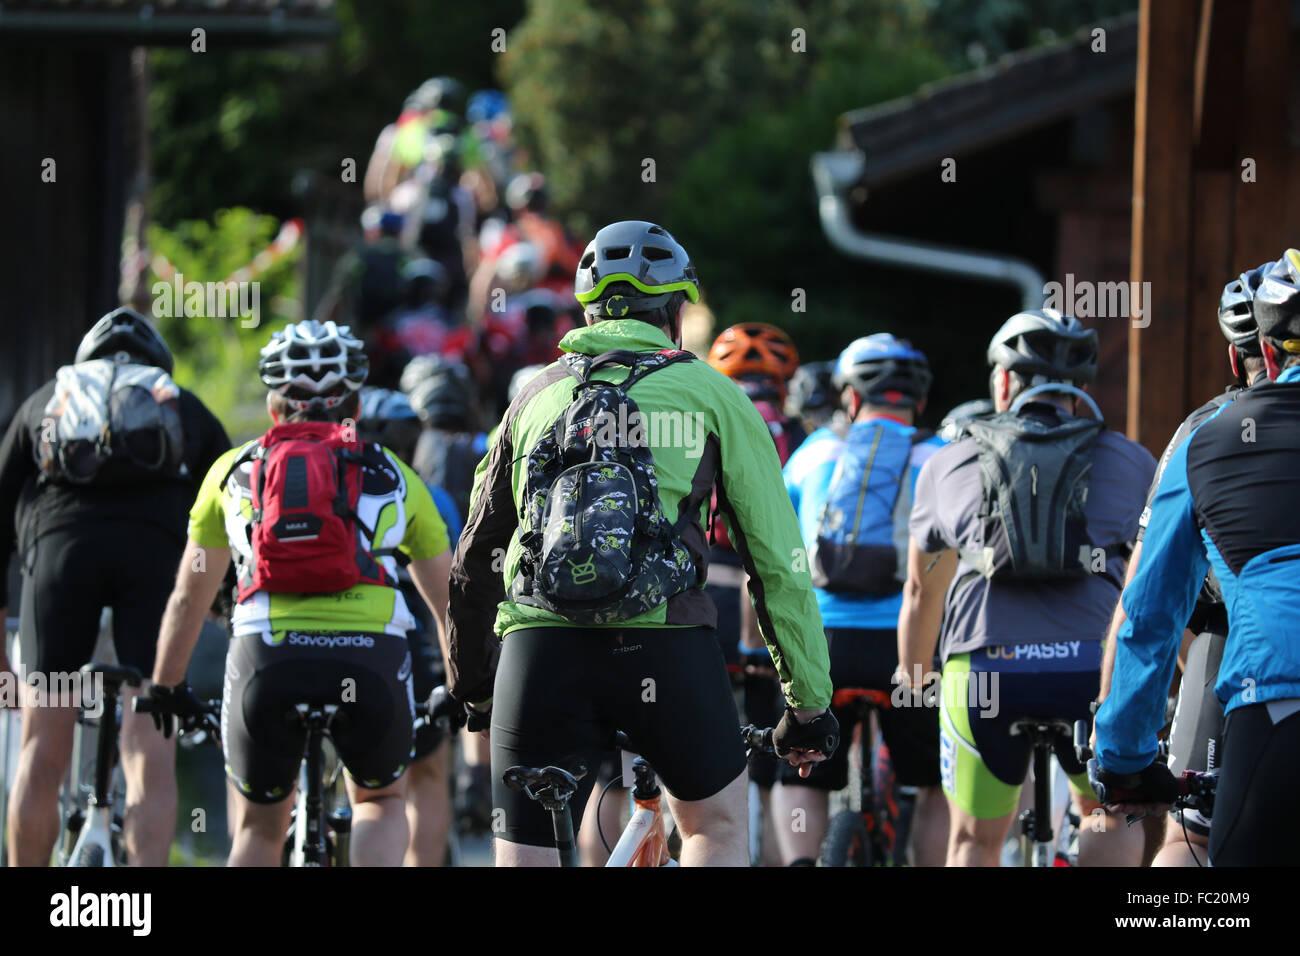 Dre dans le l'Darbon: course de VTT dans les Alpes françaises. Banque D'Images